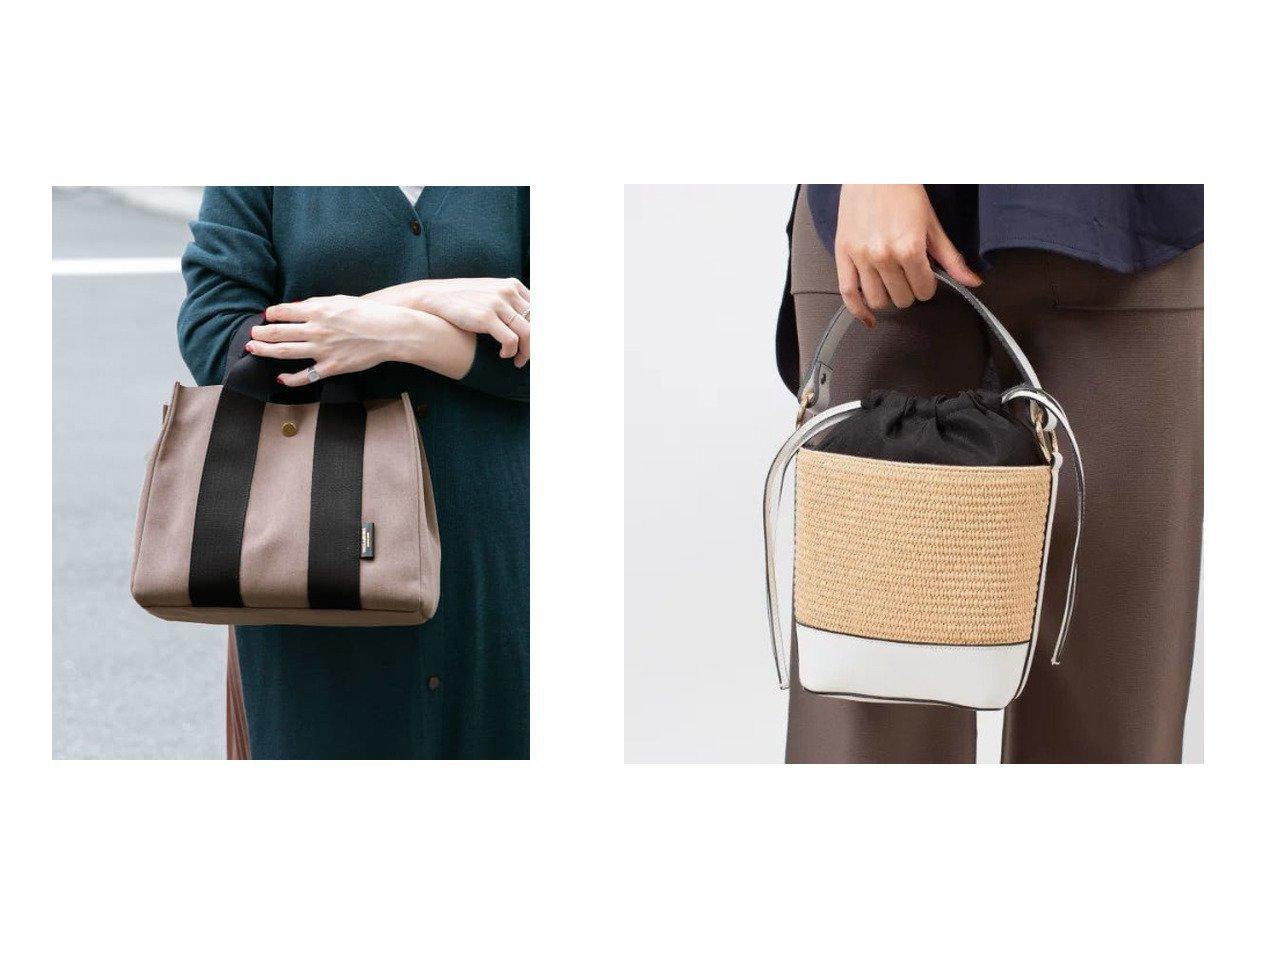 【URBAN RESEARCH ROSSO/アーバンリサーチ ロッソ】のVIOLAd ORO GINO トート S&【Rouge vif/ルージュ ヴィフ】の【Maison Vincent】かごバケツBAG バッグ・鞄のおすすめ!人気、トレンド・レディースファッションの通販 おすすめで人気の流行・トレンド、ファッションの通販商品 メンズファッション・キッズファッション・インテリア・家具・レディースファッション・服の通販 founy(ファニー) https://founy.com/ ファッション Fashion レディースファッション WOMEN バッグ Bag イタリア クラシック バケツ パーティ ショルダー シンプル ポケット 冬 Winter A/W 秋冬 AW Autumn/Winter / FW Fall-Winter 2020年 2020 2020-2021 秋冬 A/W AW Autumn/Winter / FW Fall-Winter 2020-2021 |ID:crp329100000013700